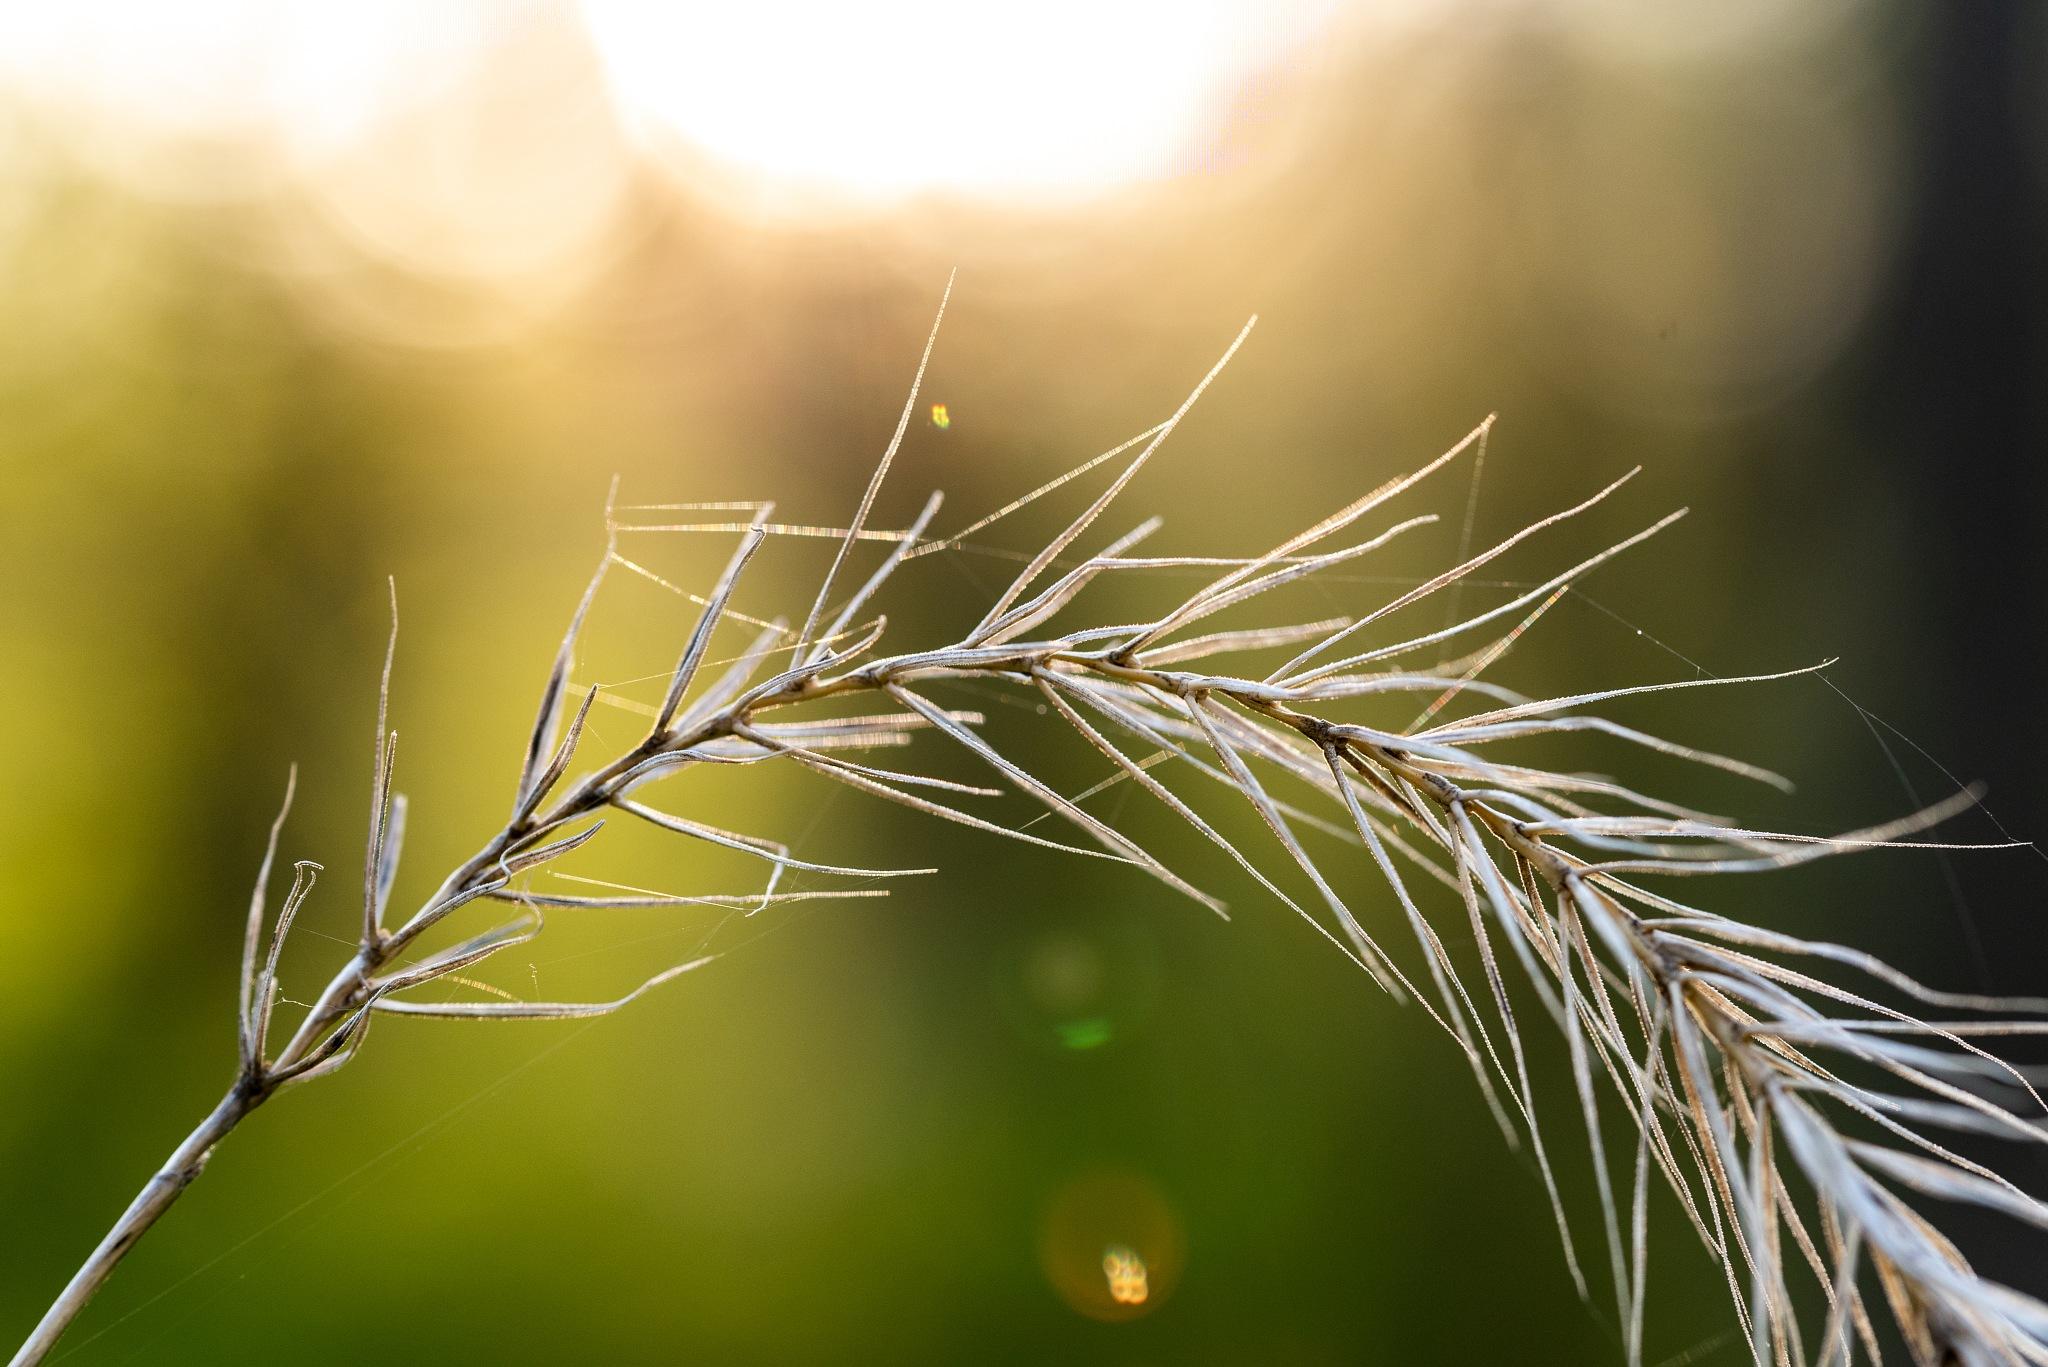 Golden Grass by Gruca_joe